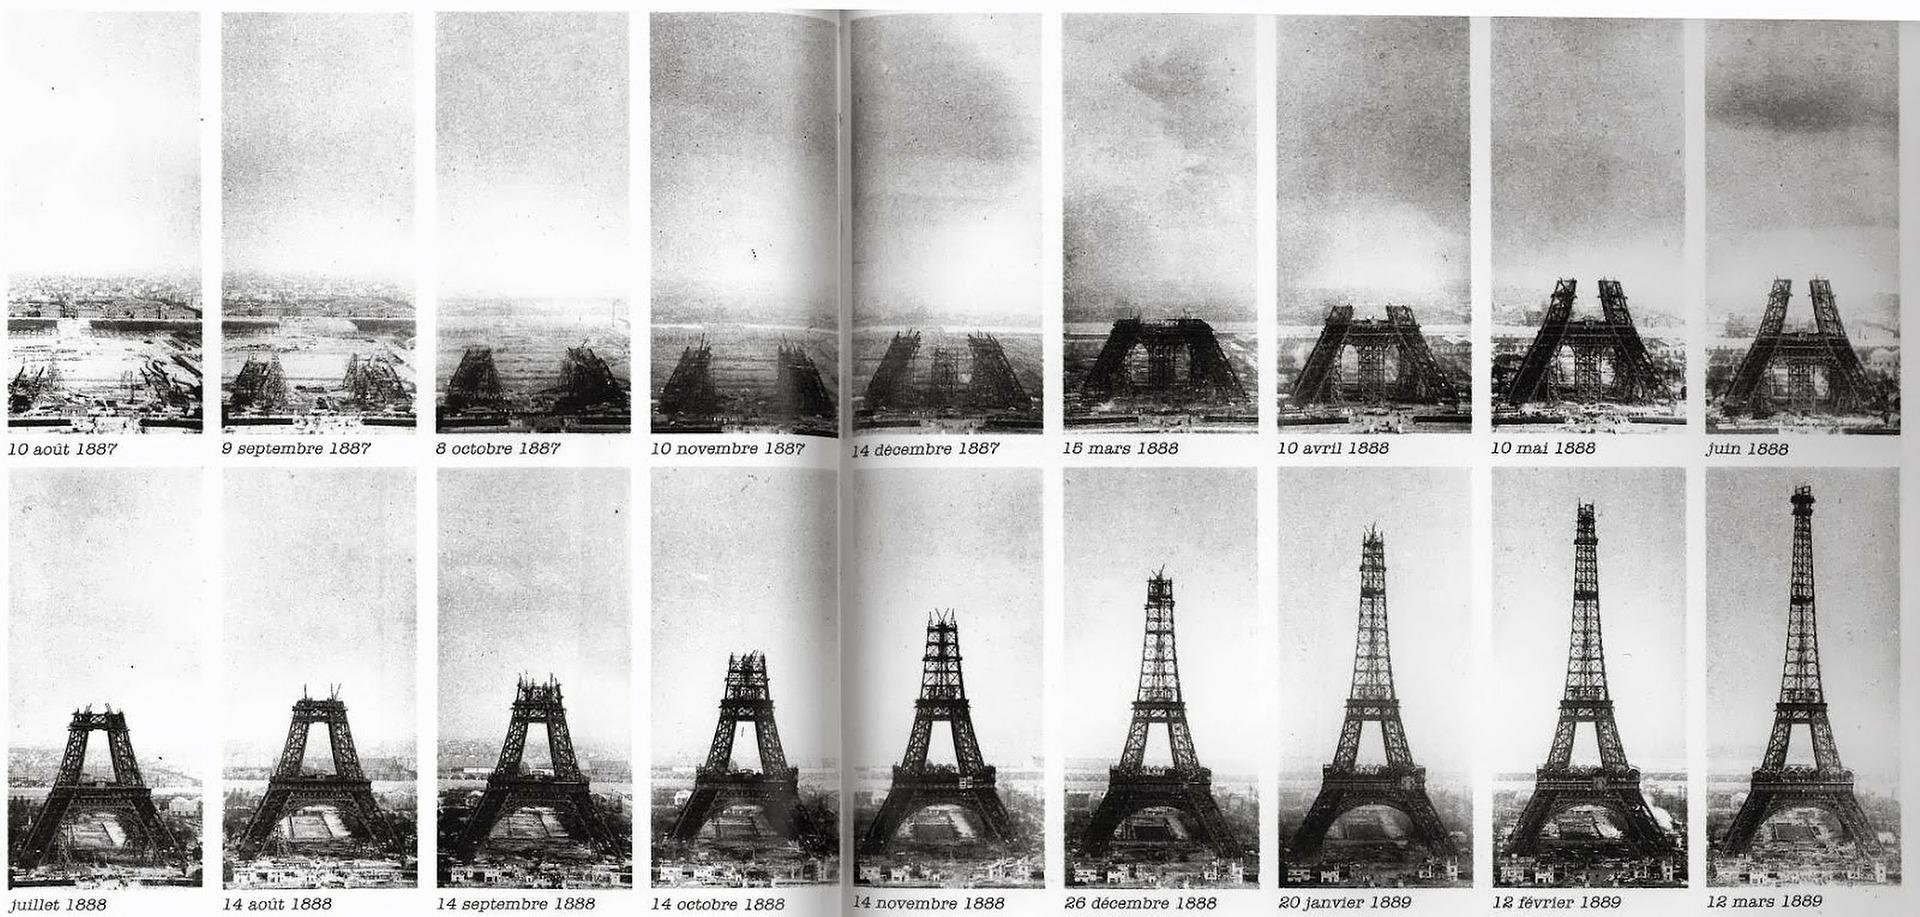 eiffel-tower-349818_1920.jpg